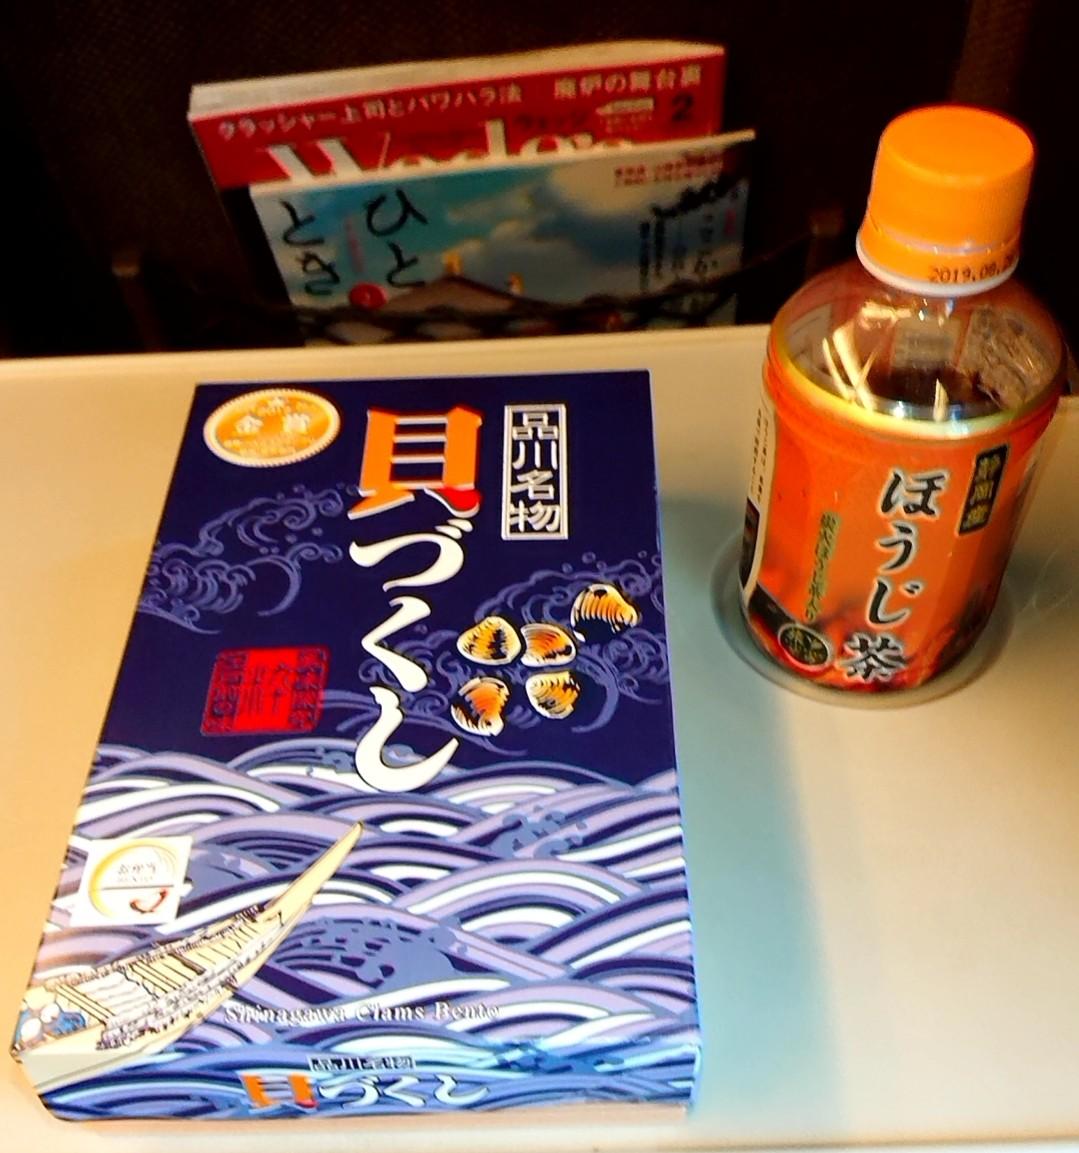 大阪で買った品川名物